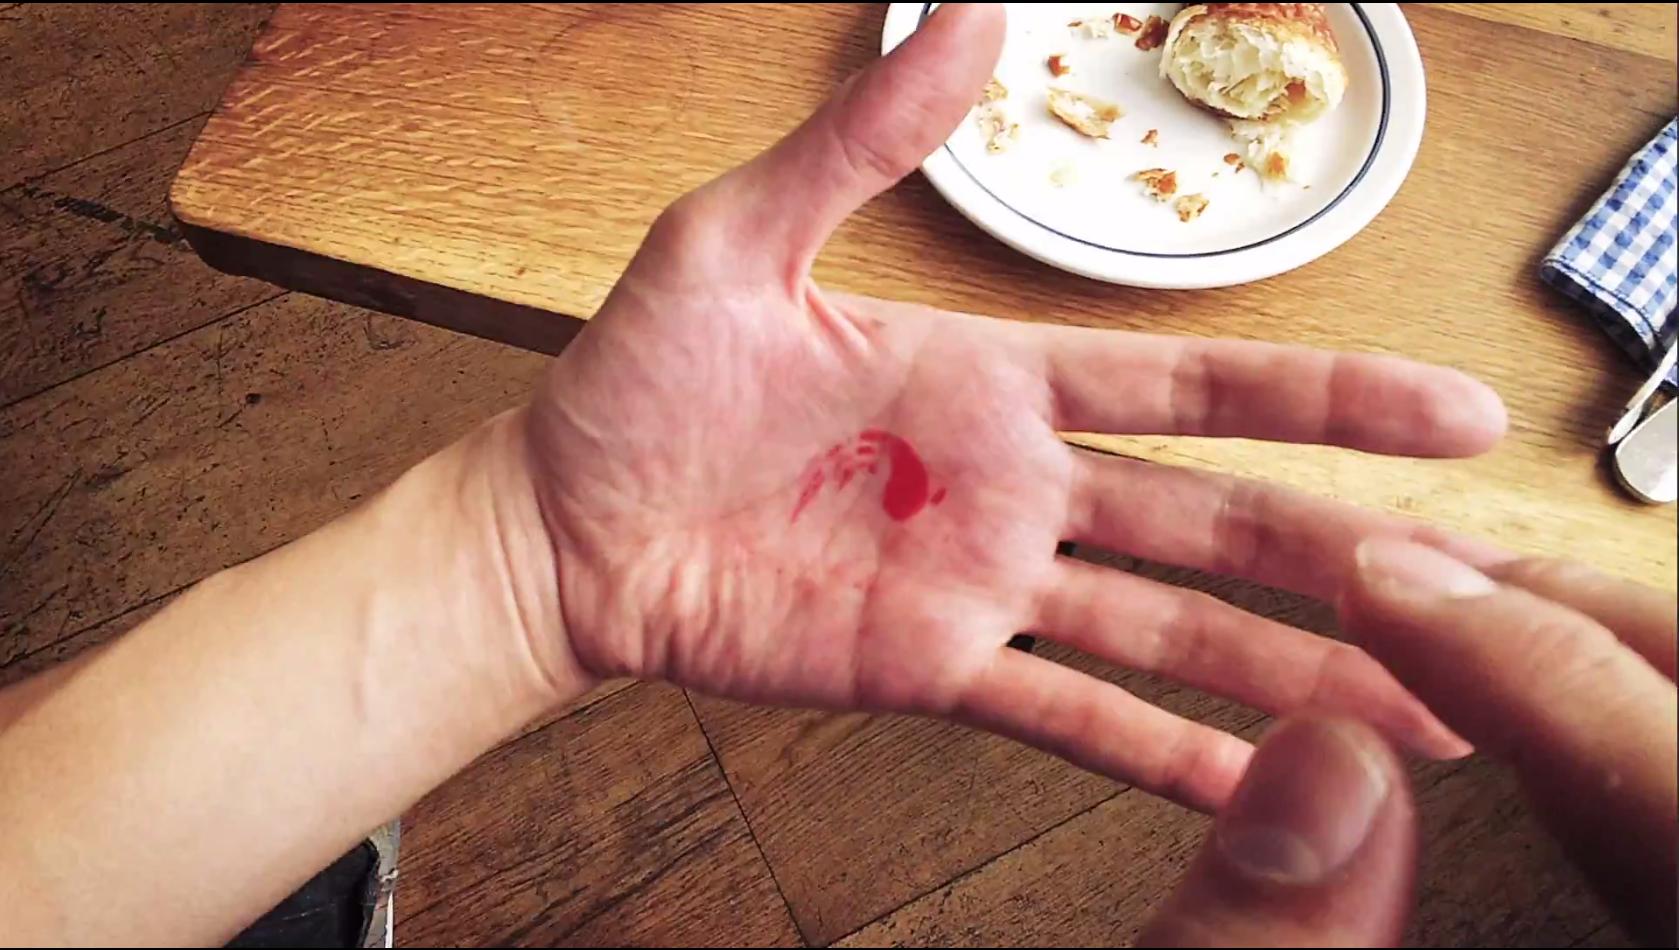 Arriva un video particolare girato in stop motion made in Google Glass